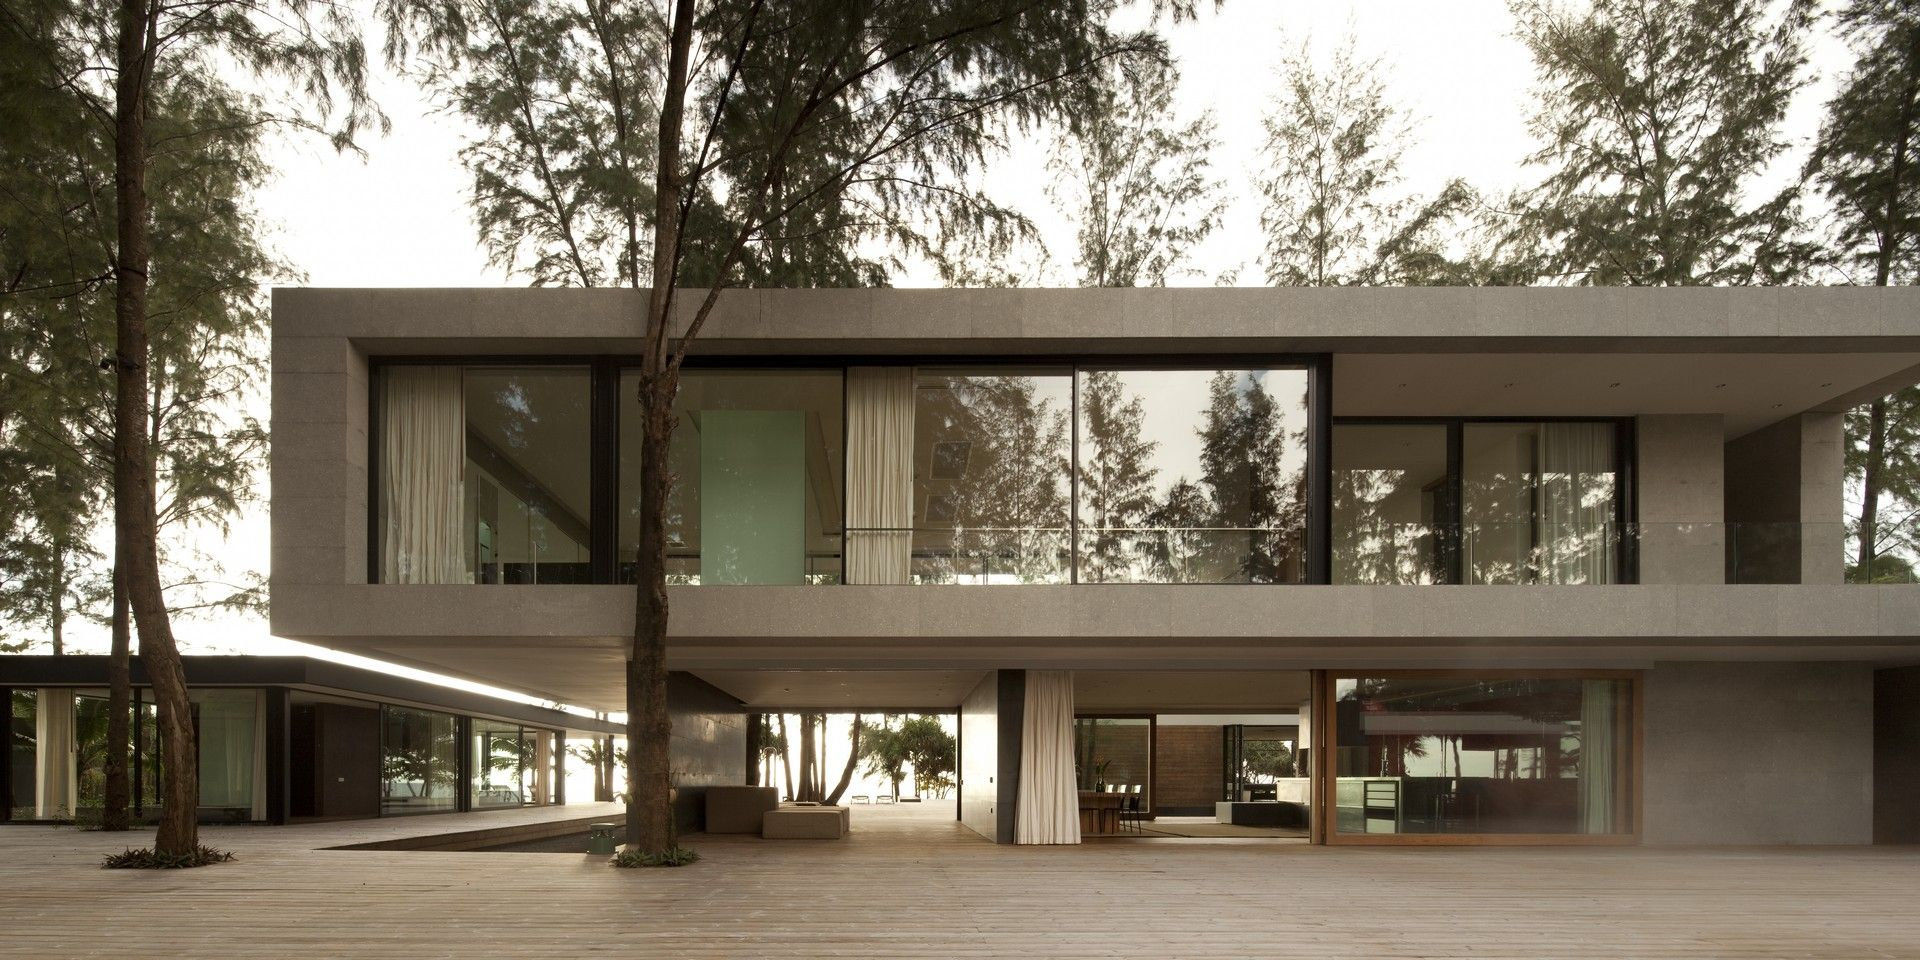 Dbalp jam factory project villa noi architecture pinterest dbalp jam factory project villa noi ccuart Images